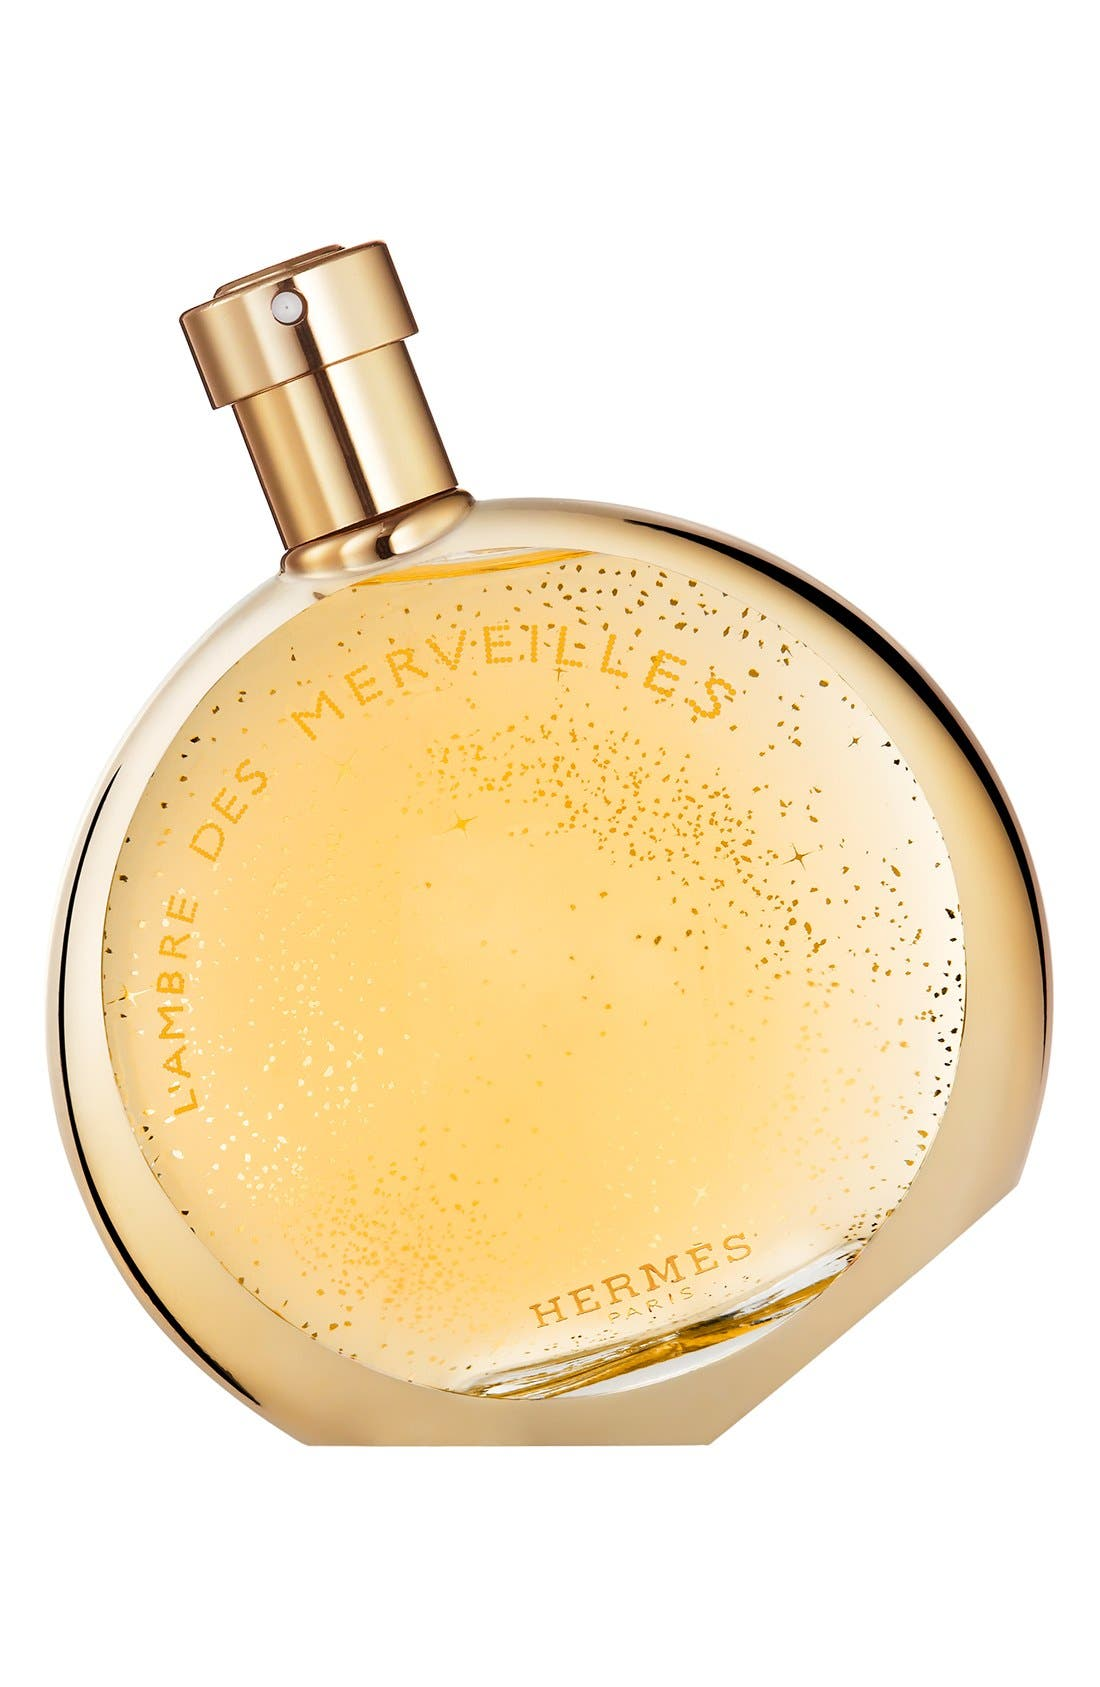 Hermès Eau des Merveilles L'Ambre des Merveilles - Eau de parfum,                             Main thumbnail 1, color,                             NO COLOR